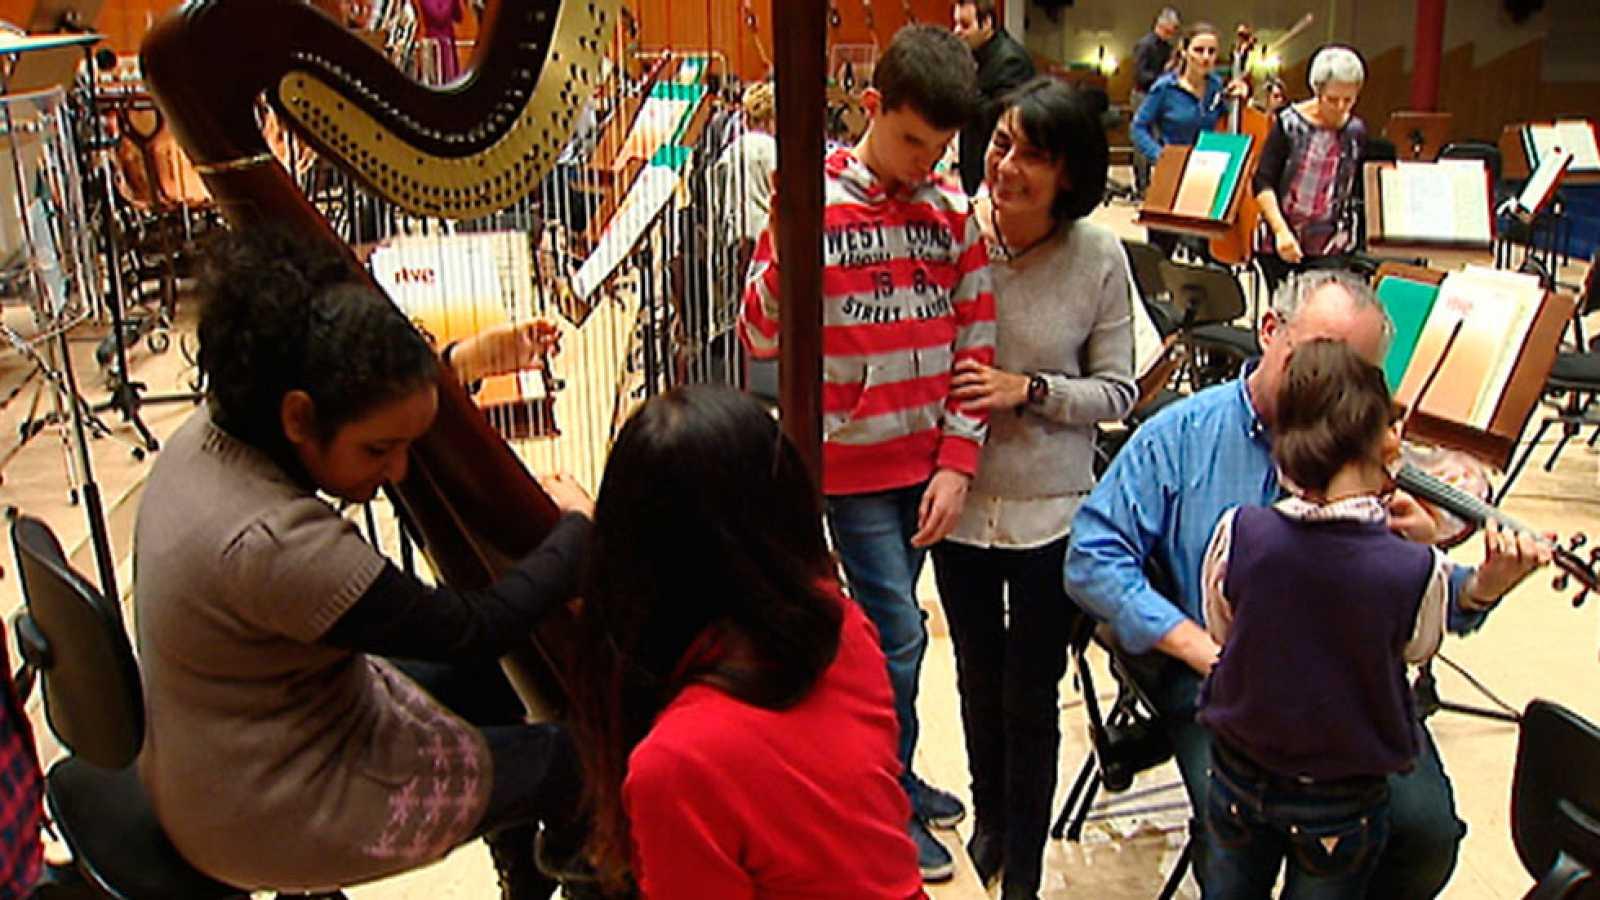 La Orquesta Sinfónica RTVE realiza una clase magistral de música para niños ciegos